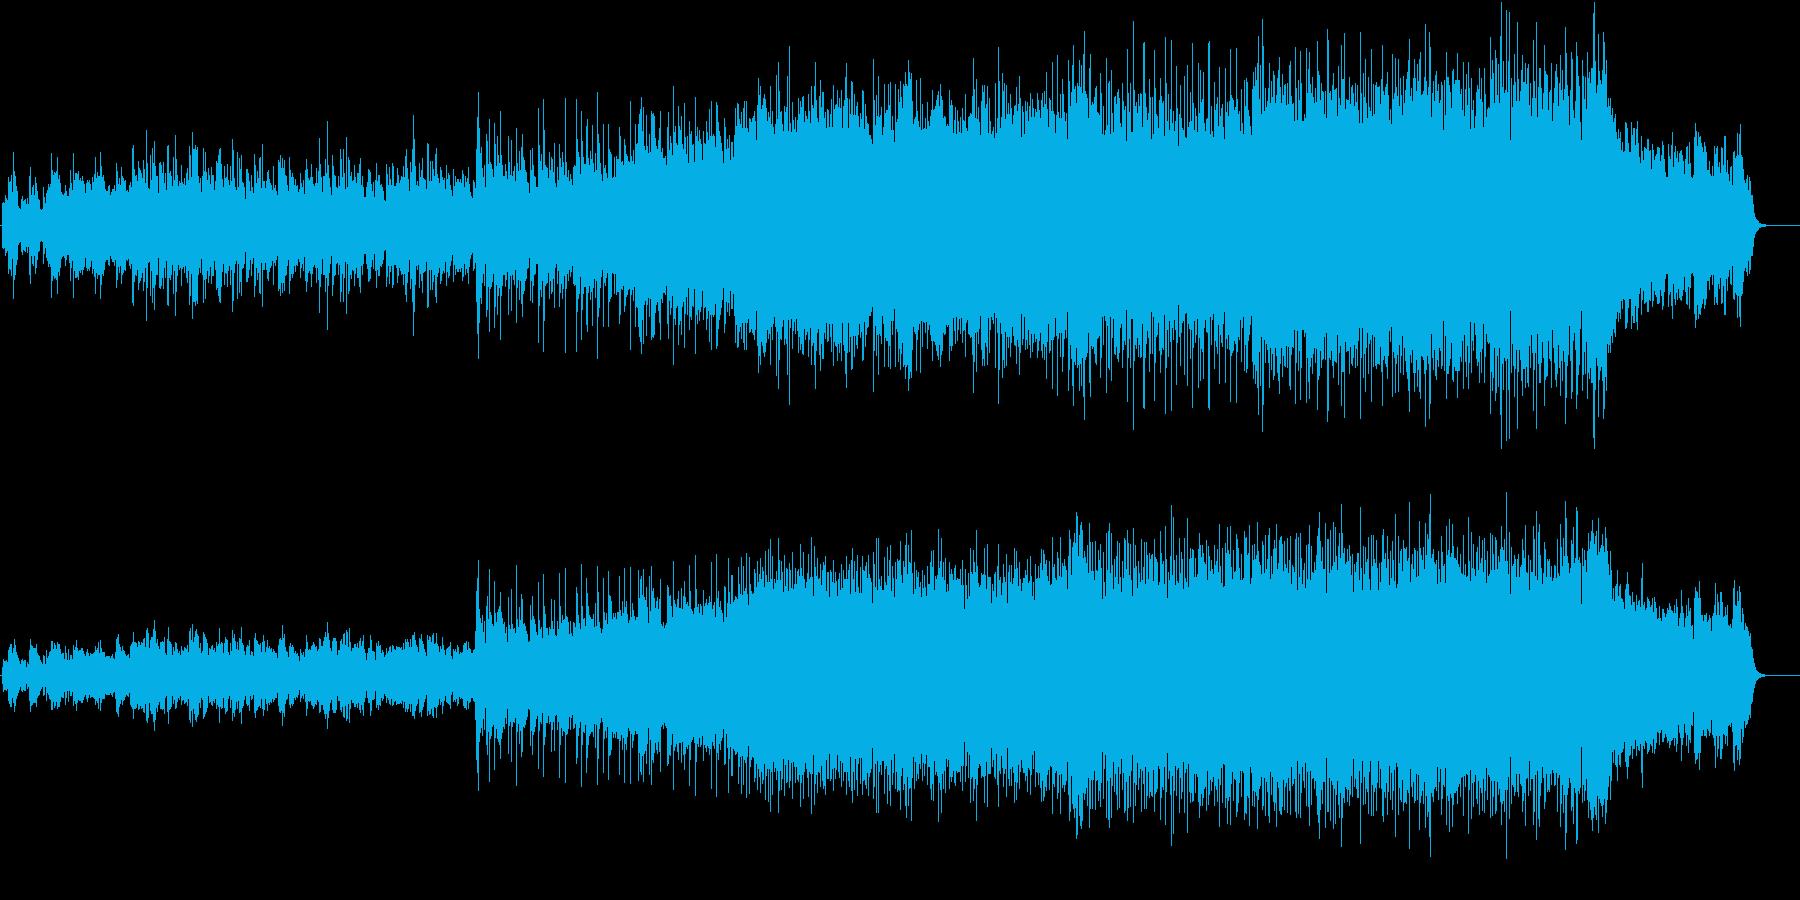 潤いのある感動的なピアノ・バラードの再生済みの波形